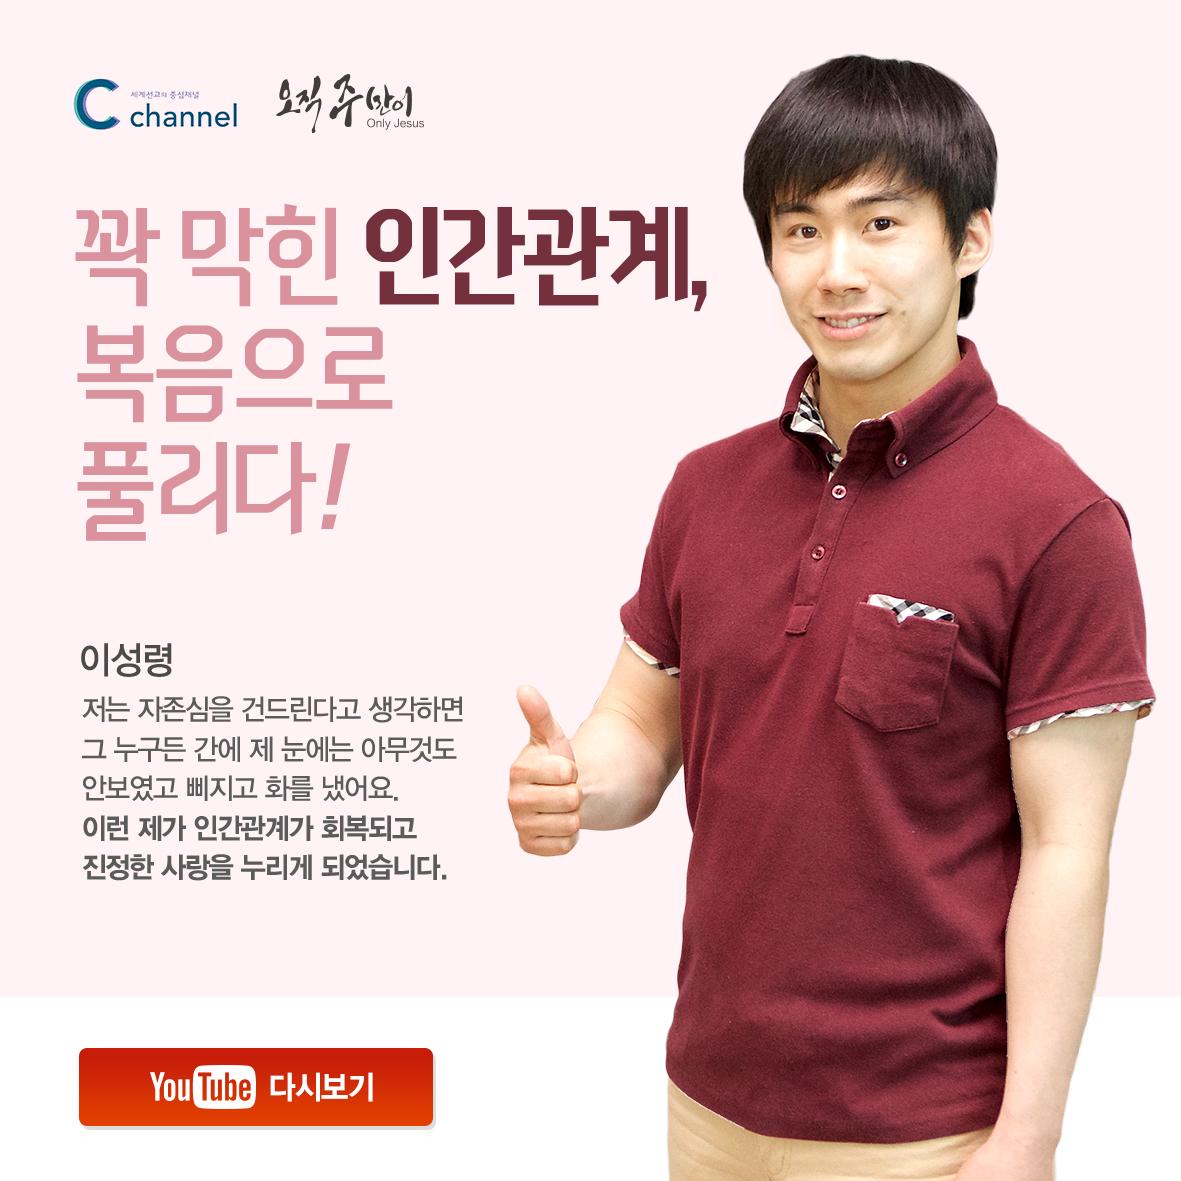 [춘천 한마음교회 간증] '꽉 막힌 인간관계, 복음..